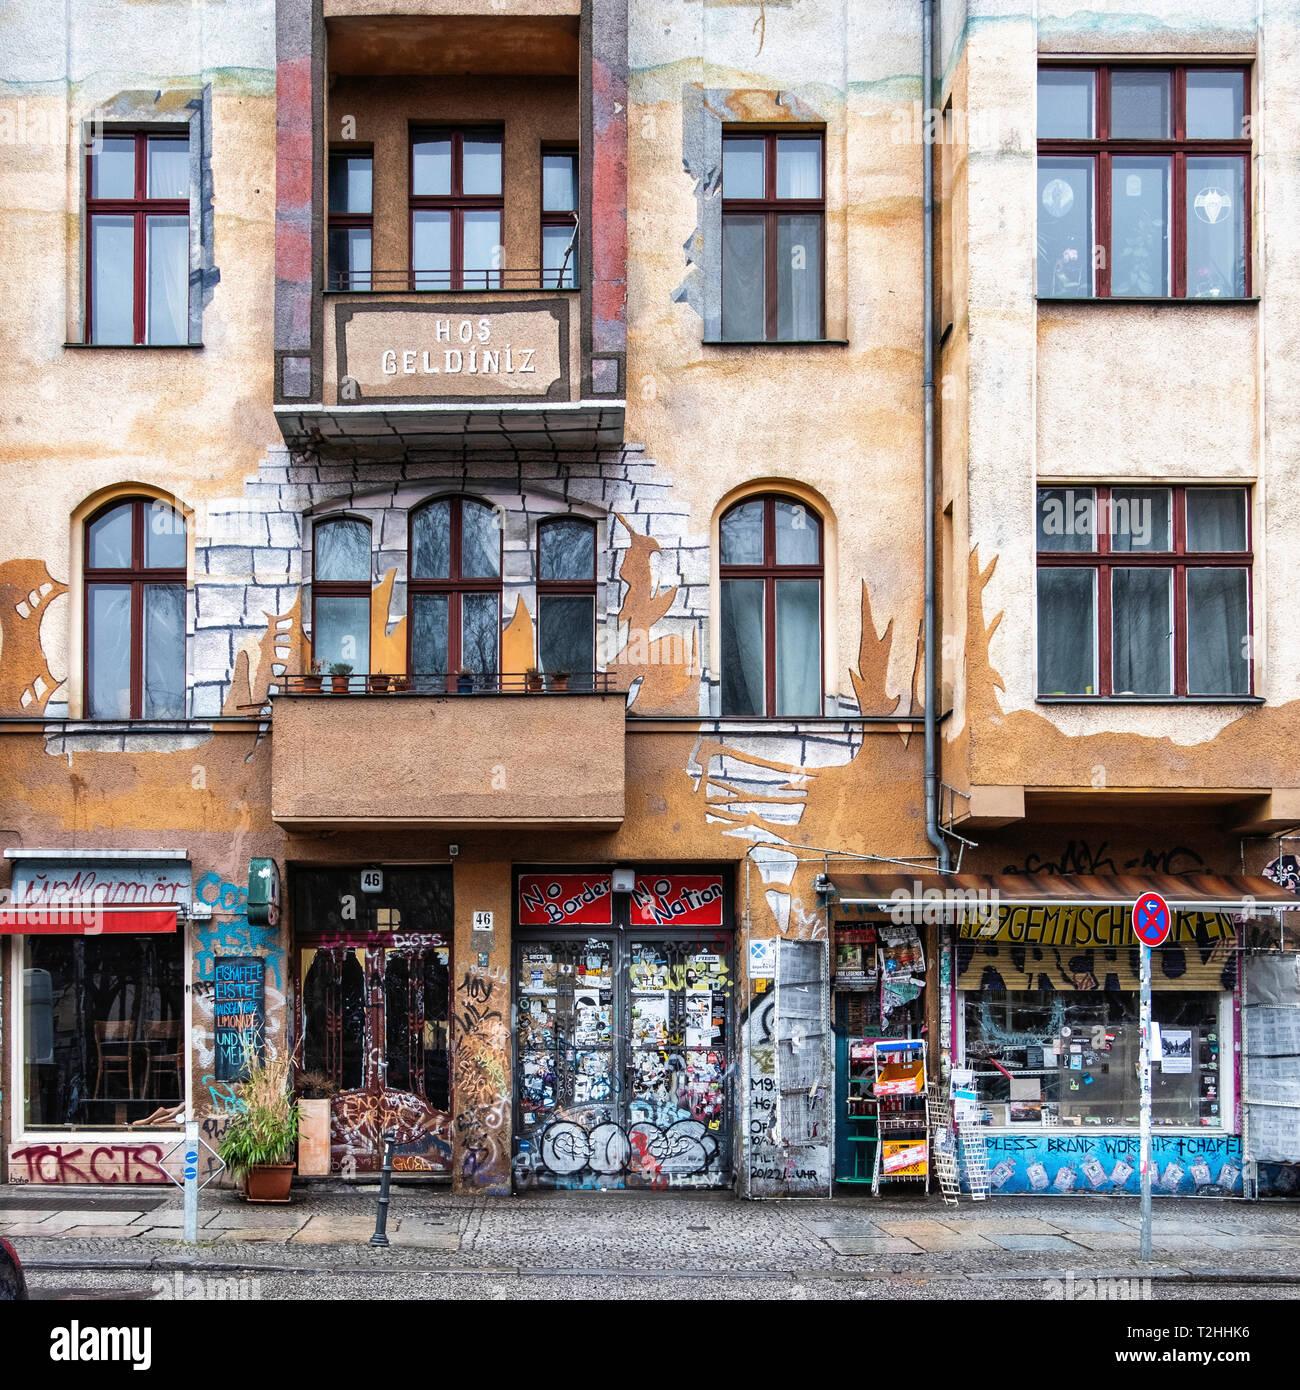 M99 General Store für Revolutionäre braucht, ist eine Alternative - links Store von Querschnittsgelähmten, Hans Georg Lindenau, in der Hansastraße 46, Kreuzberg, Berlin Stockbild